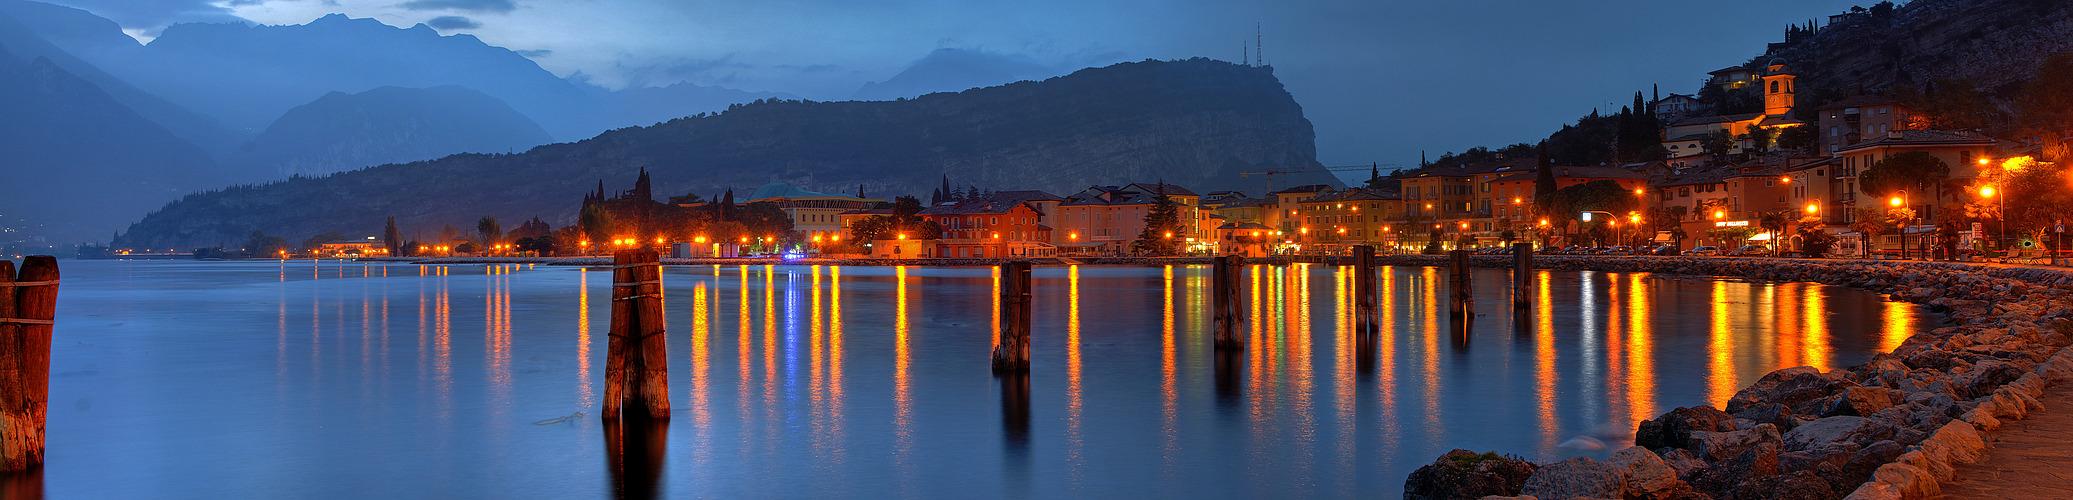 Abend am Nordufer des Gardasees